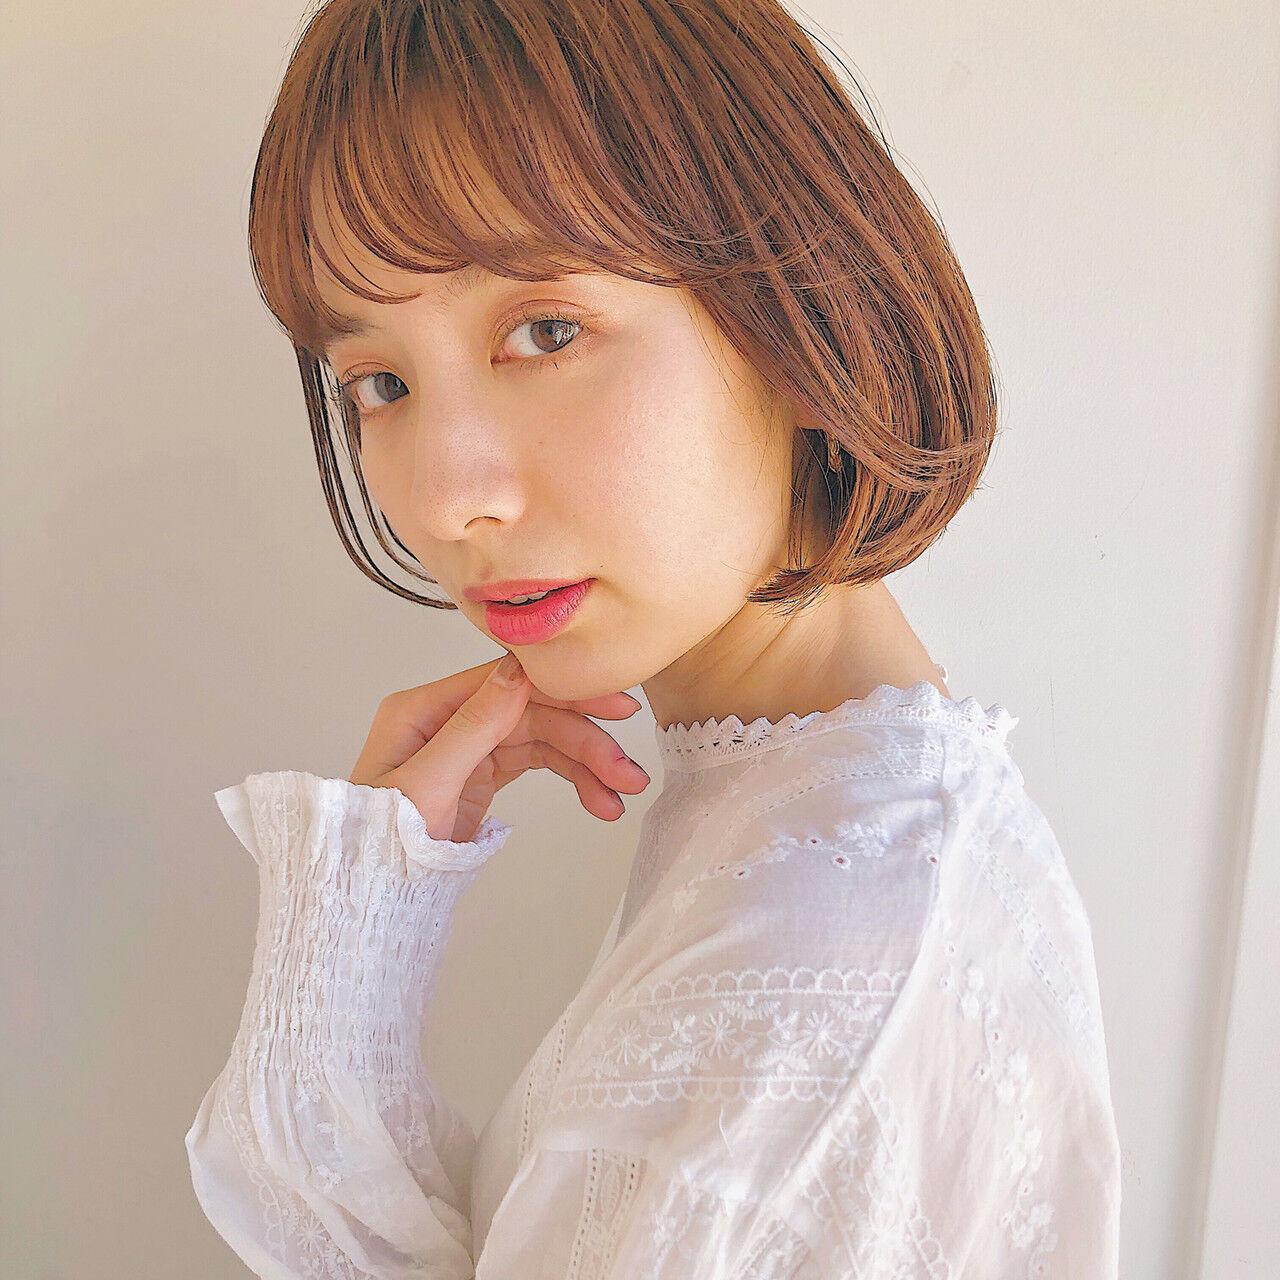 ボブ 韓国ヘア 切りっぱなしボブ ナチュラルヘアスタイルや髪型の写真・画像